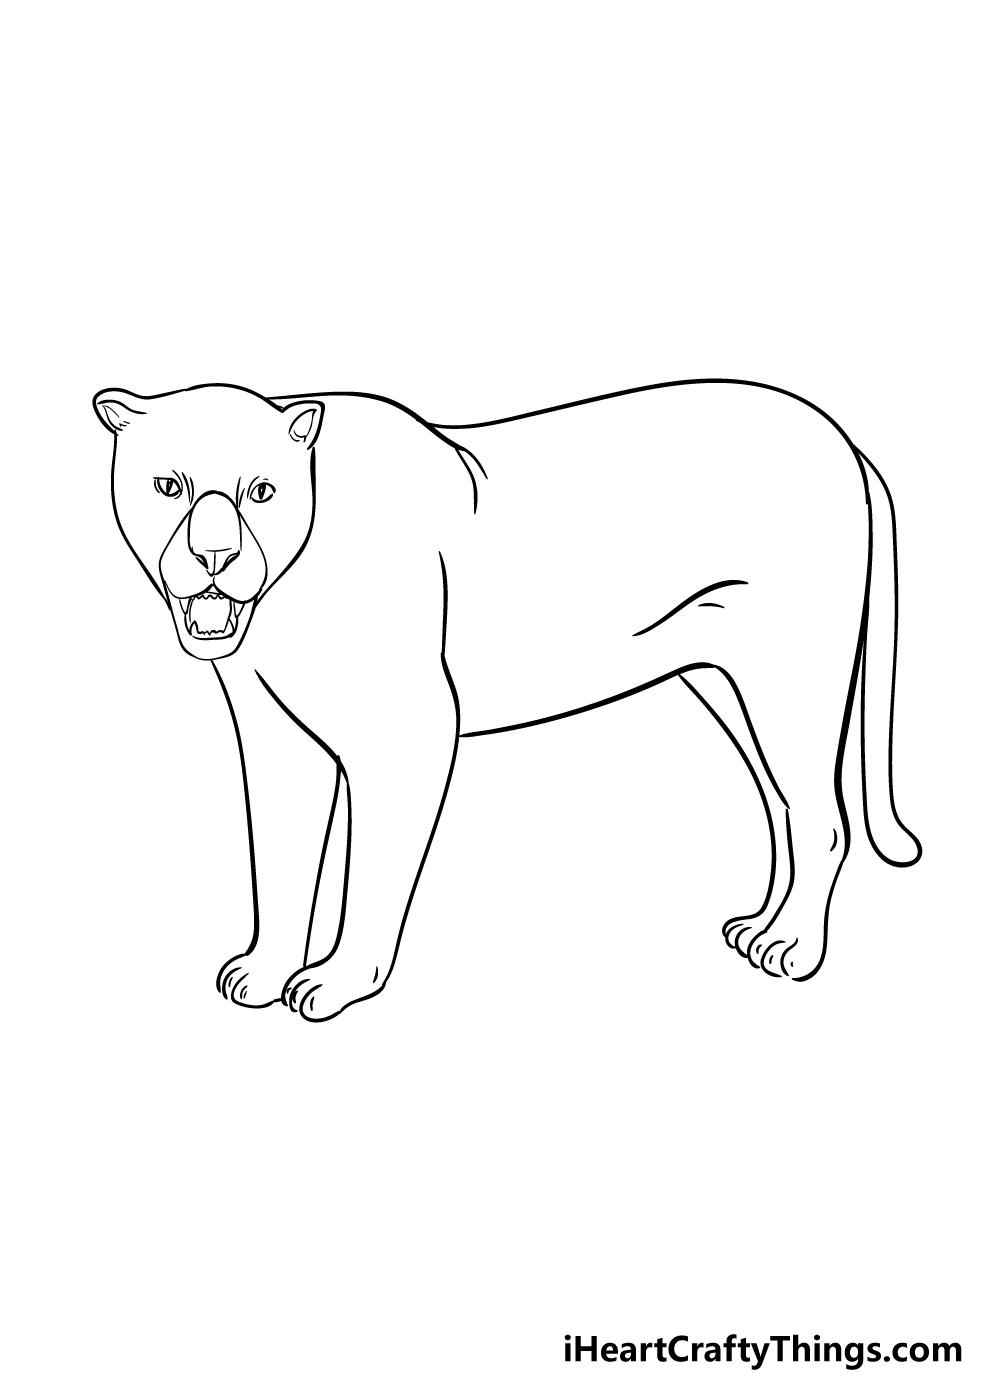 jaguar drawing step 7